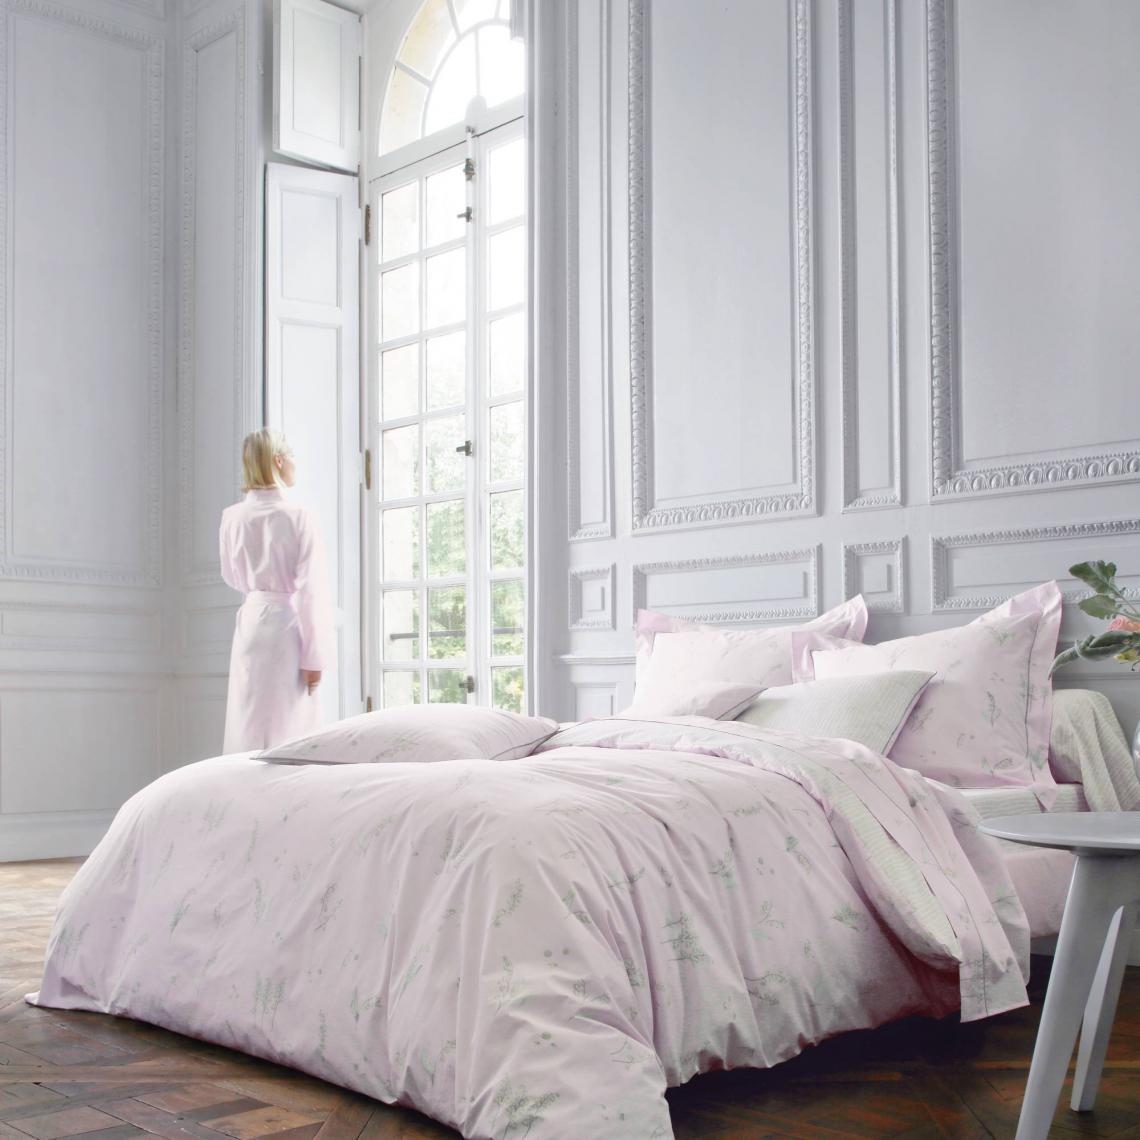 Housse De Couette Percale De Coton Imprime Lily Poudre Blanc Des